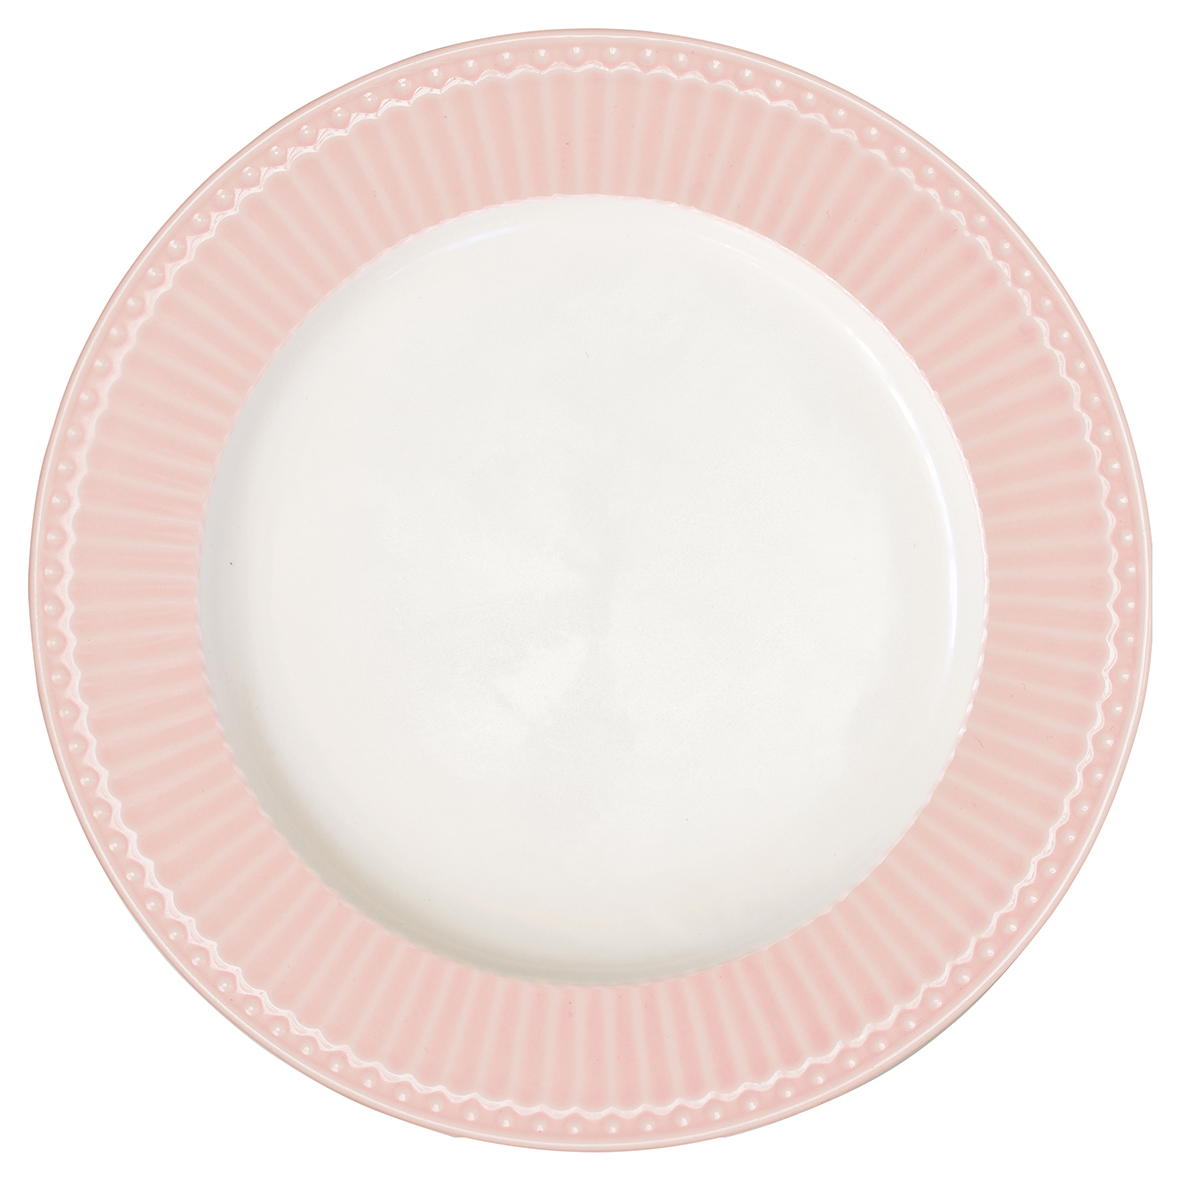 Greengate Teller Alice Rosa 17 5 Kuchenteller Everyday Geschirr Pale Pink Kaufen Bei Wohnhaus Welten